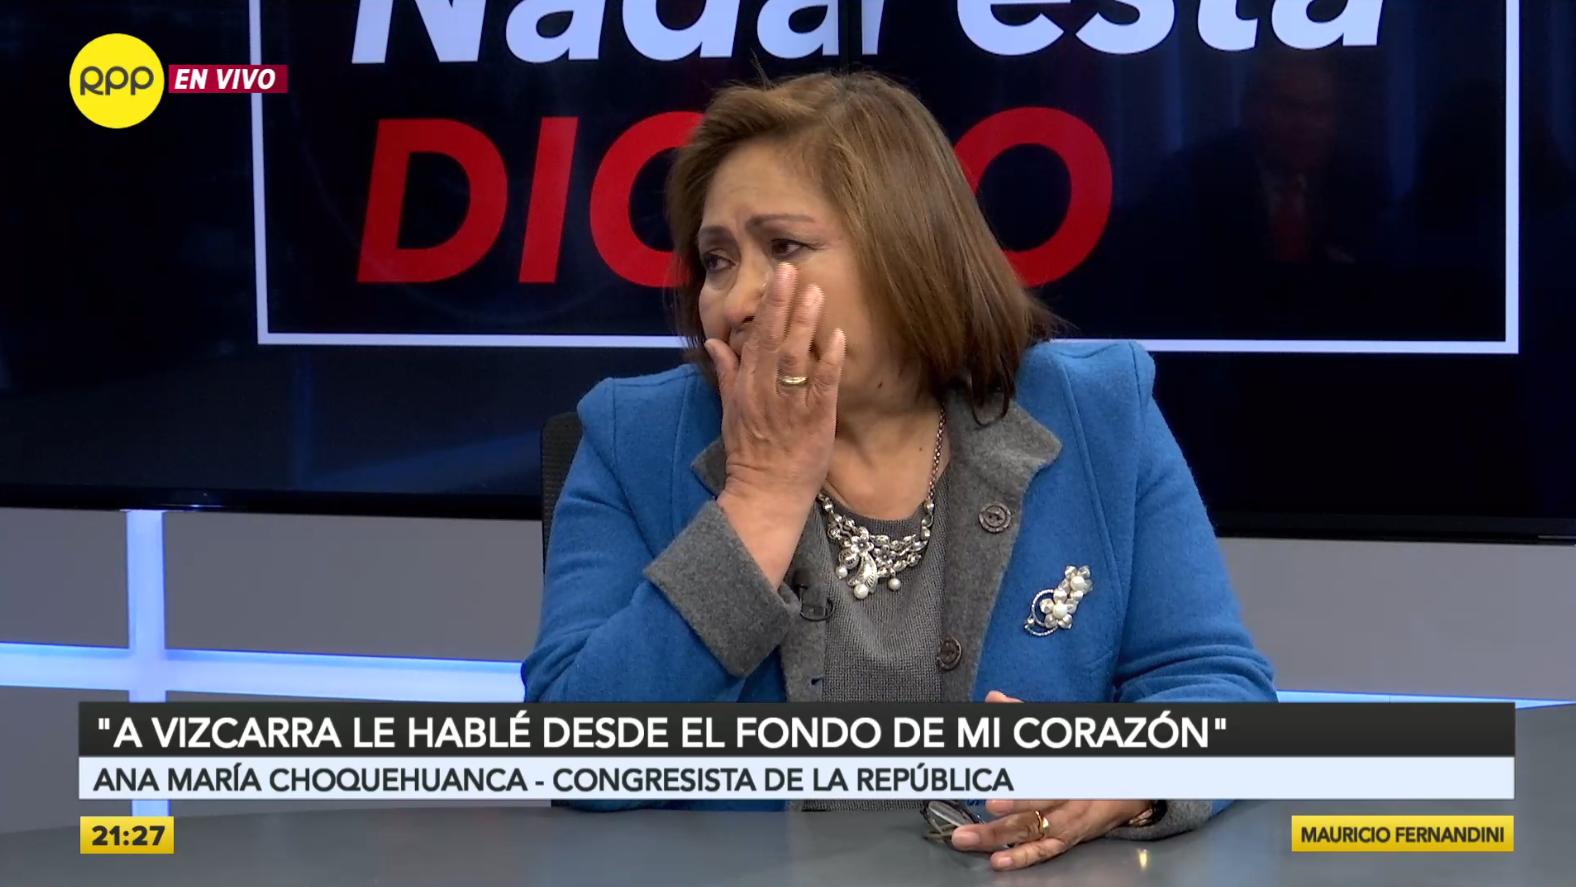 La congresista Ana María Choquehuanca se quebró en el programa Nada Está Dicho.